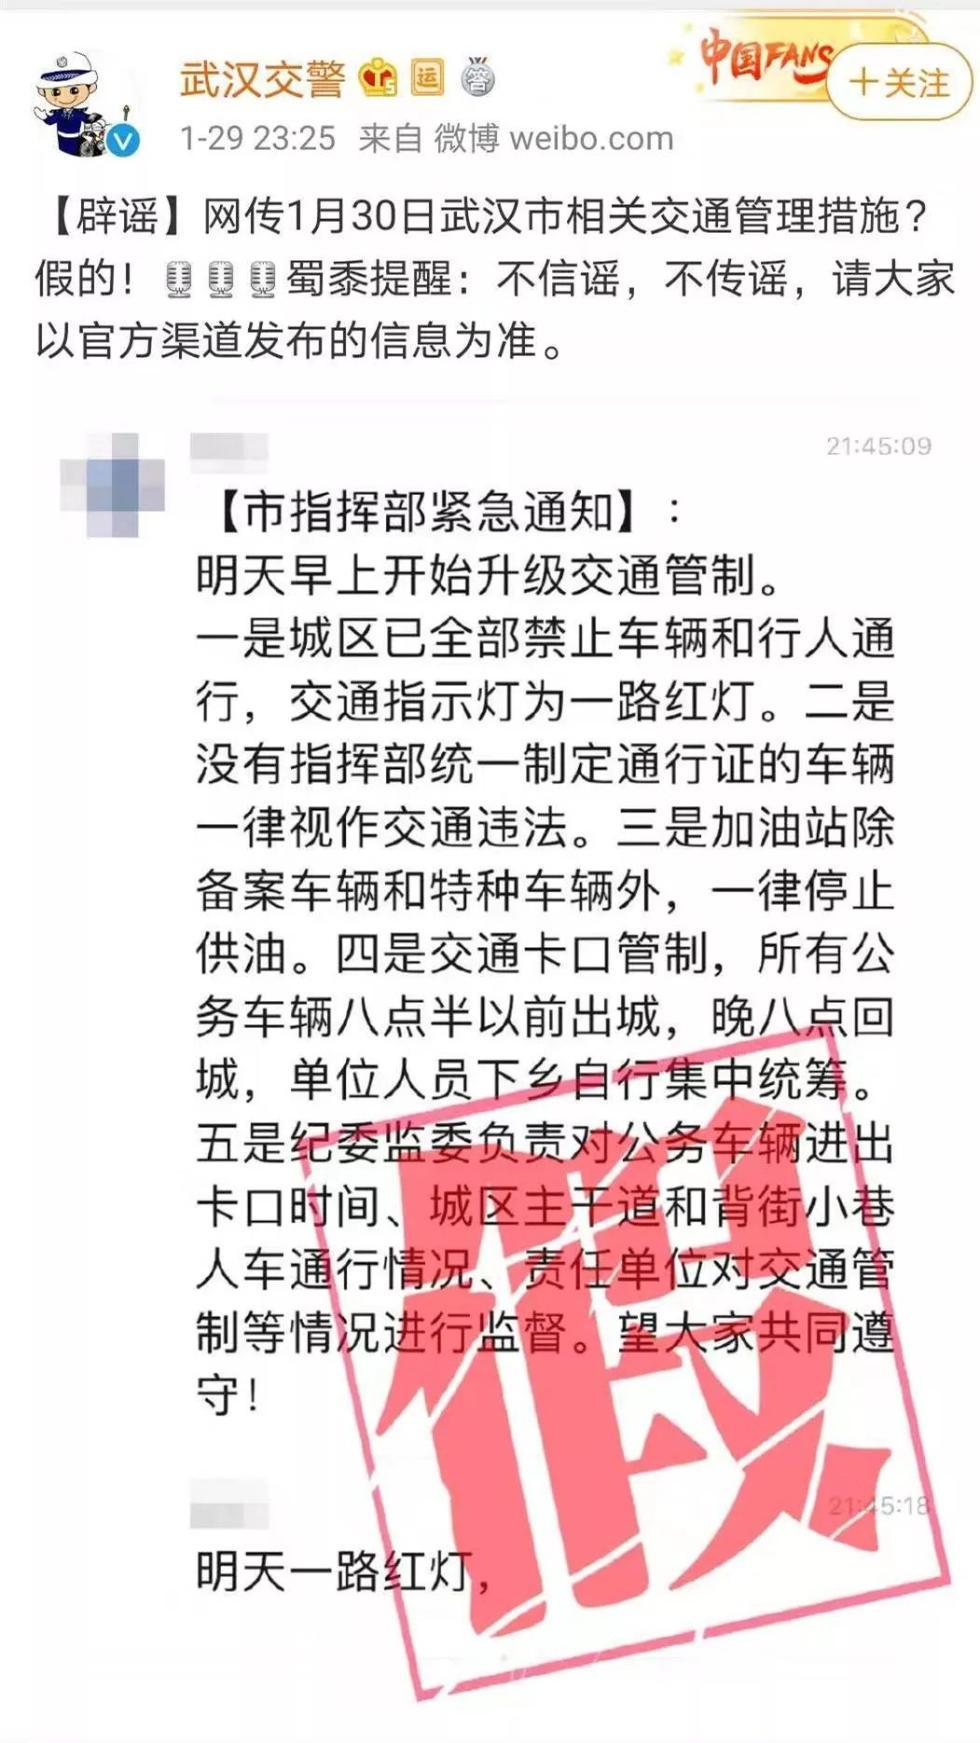 武汉今起禁止车辆、行人通行?谣言!